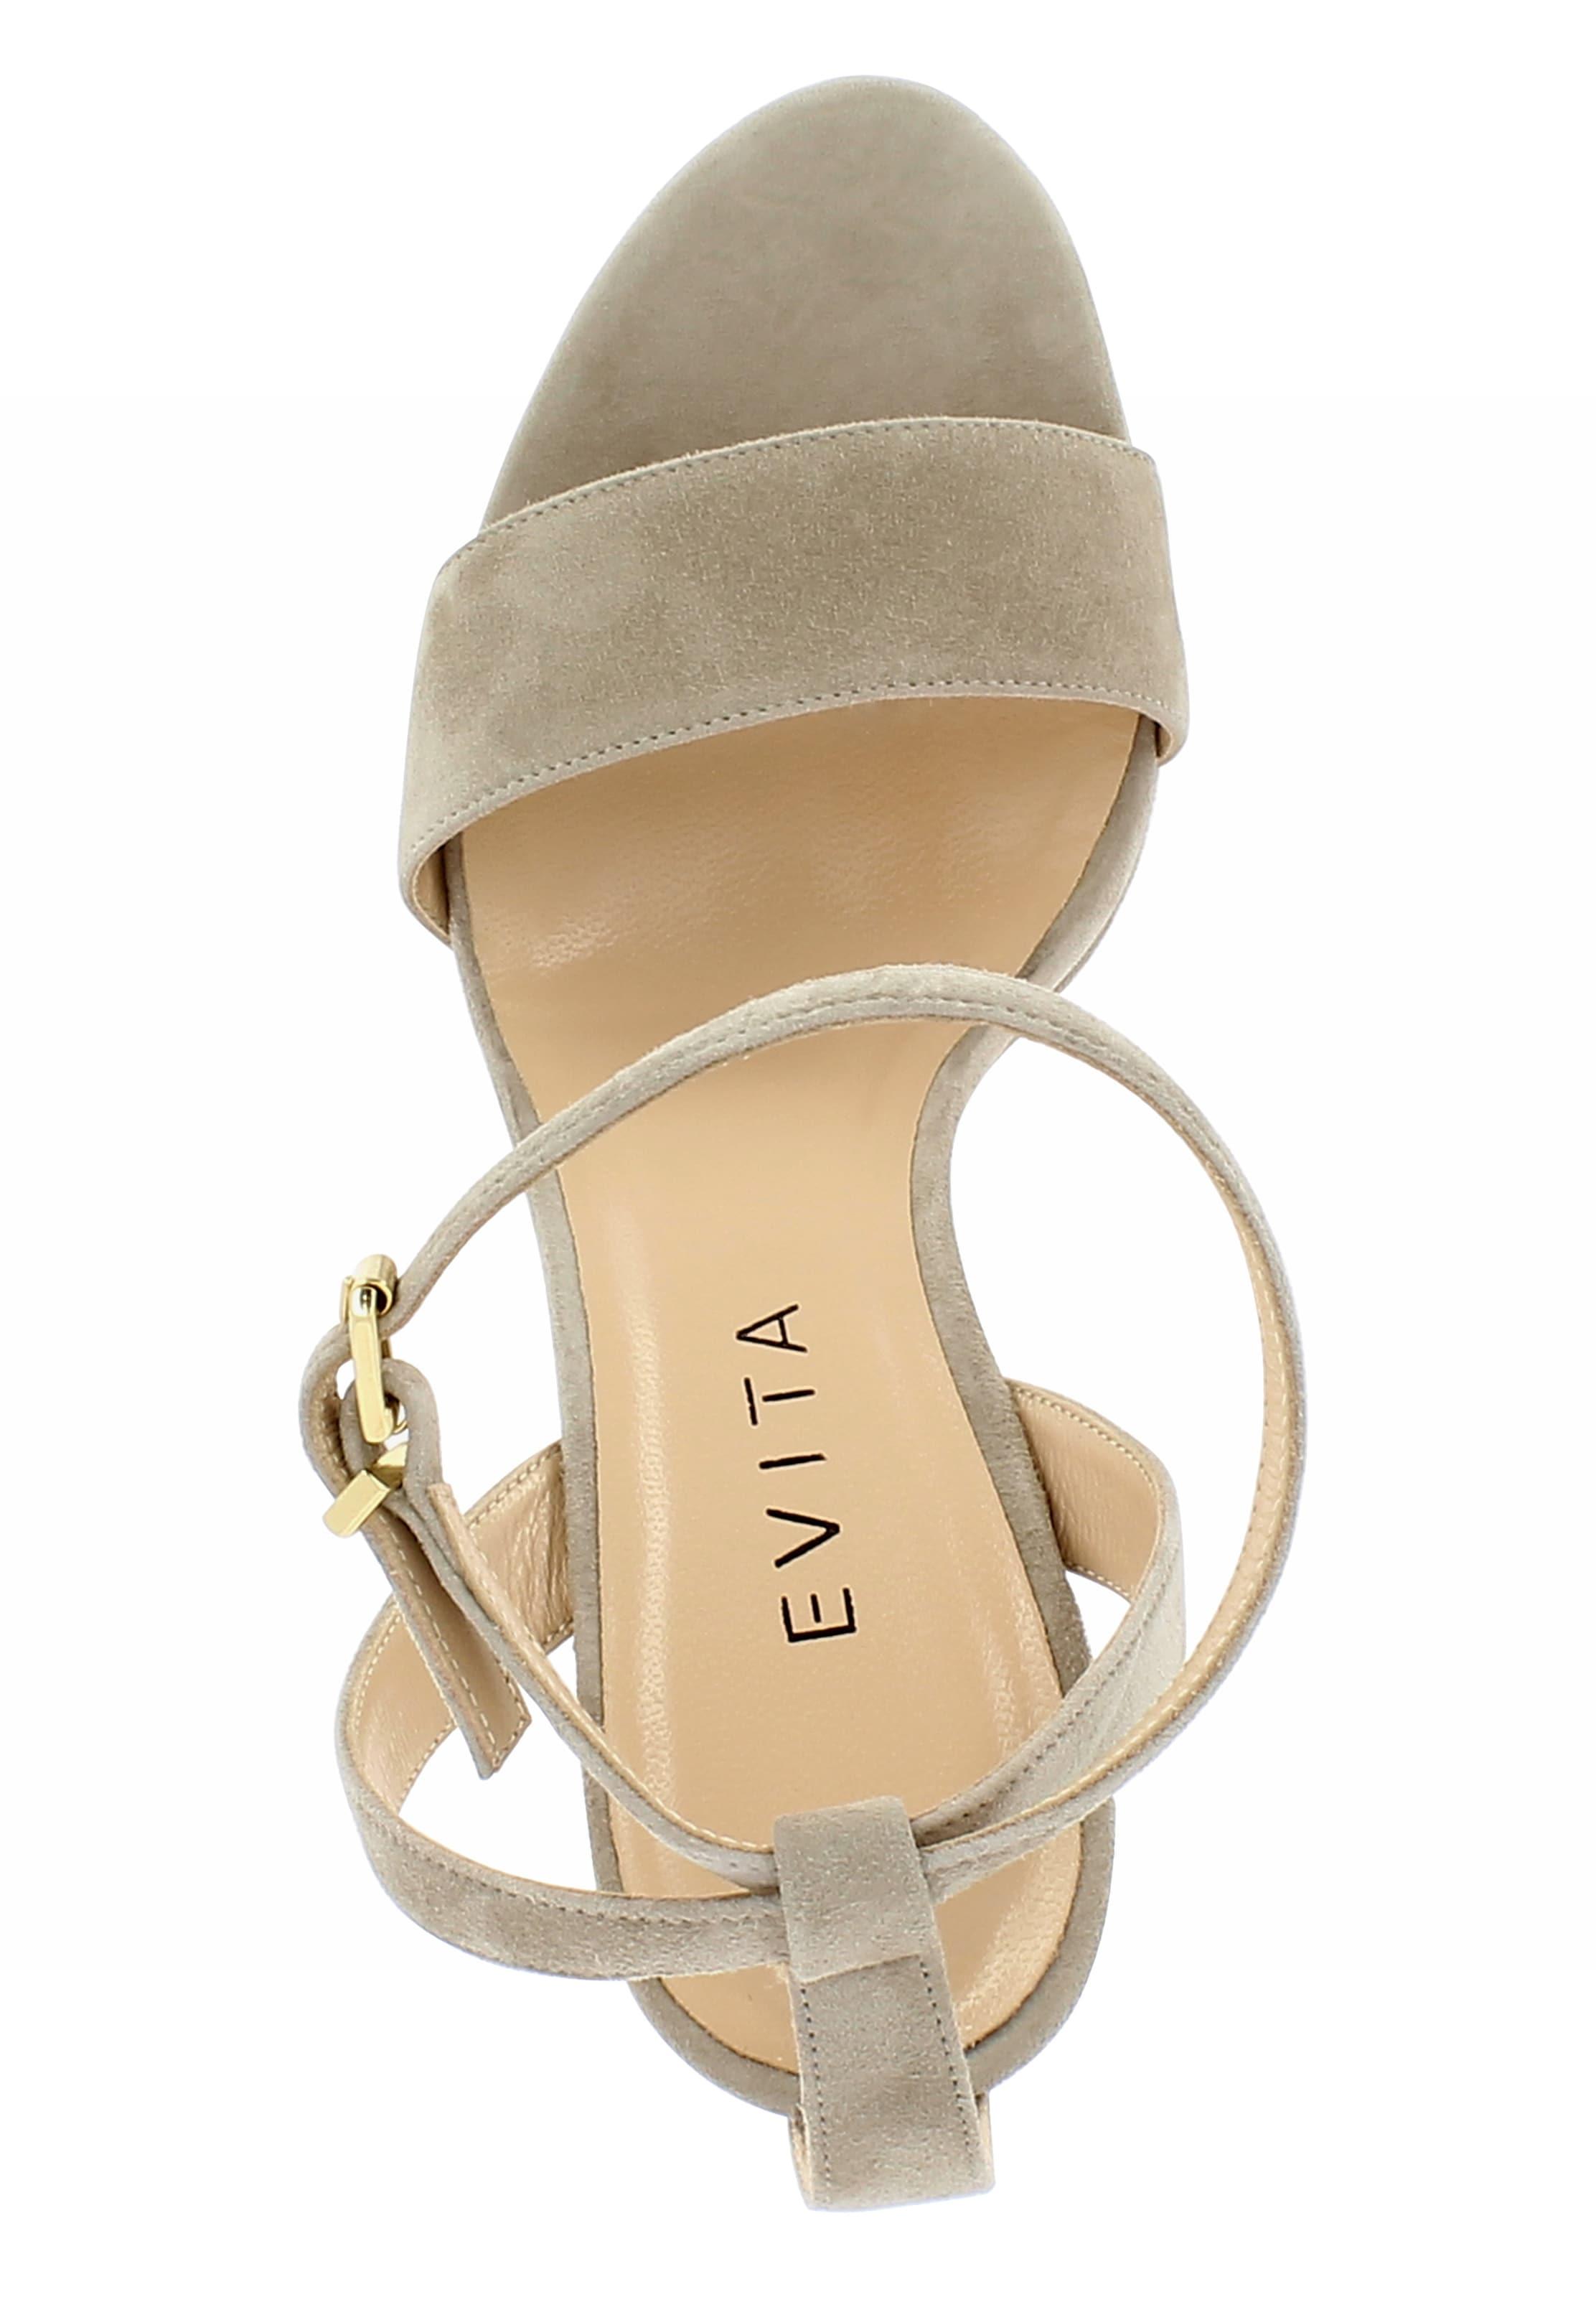 Sandalette In 'valeria' In Evita Evita Sandalette 'valeria' 'valeria' Sandalette In Beige Evita Beige 80NwOnPyvm